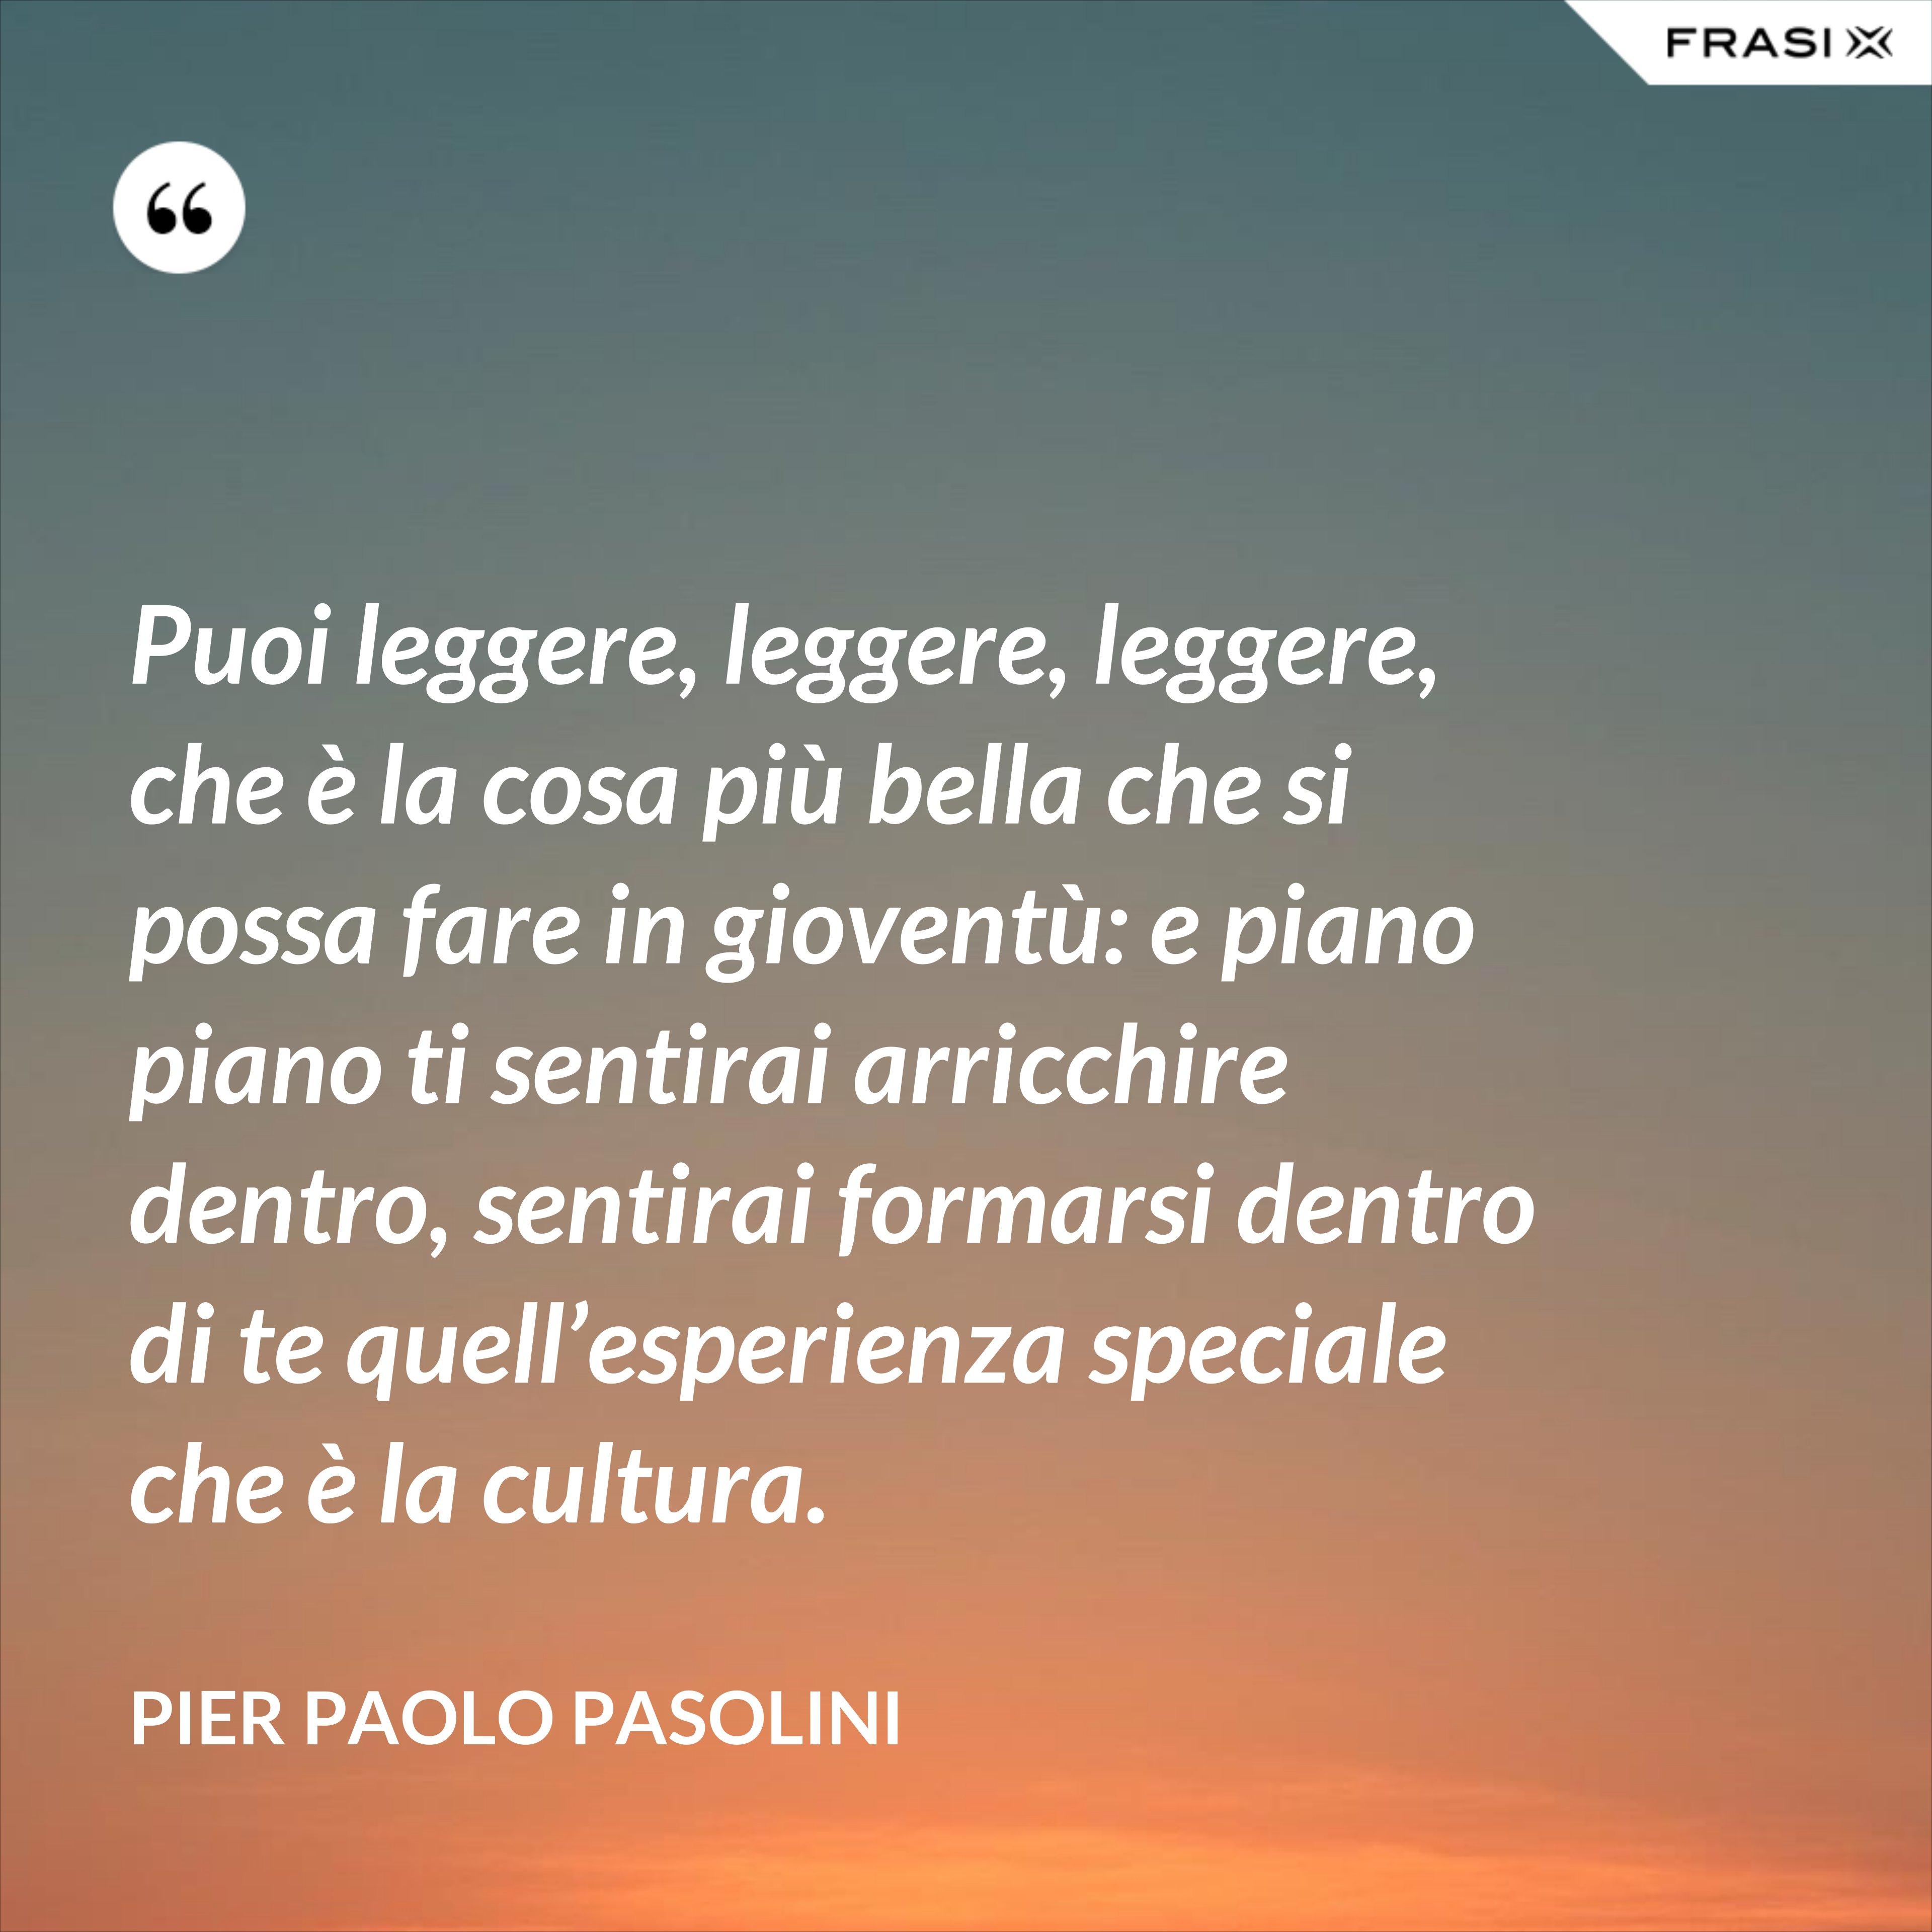 Puoi leggere, leggere, leggere, che è la cosa più bella che si possa fare in gioventù: e piano piano ti sentirai arricchire dentro, sentirai formarsi dentro di te quell'esperienza speciale che è la cultura. - Pier Paolo Pasolini